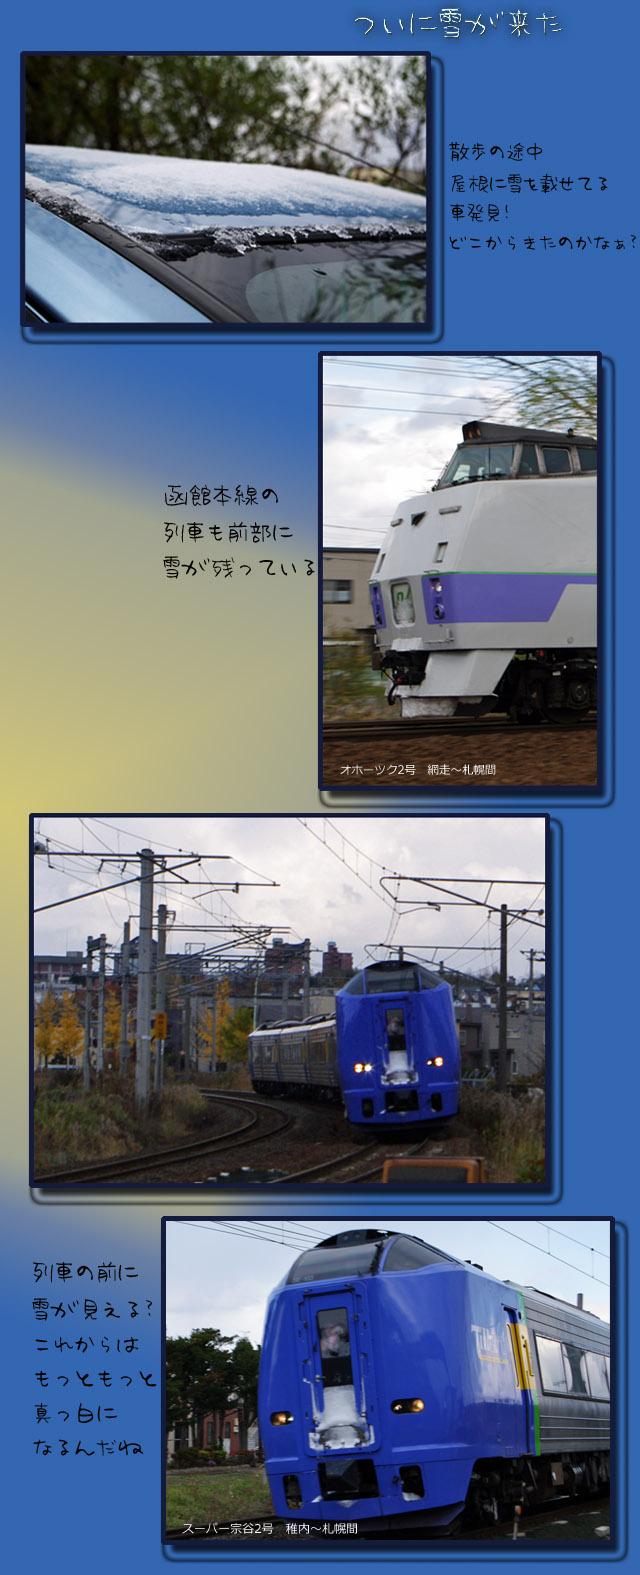 b0019313_21492160.jpg